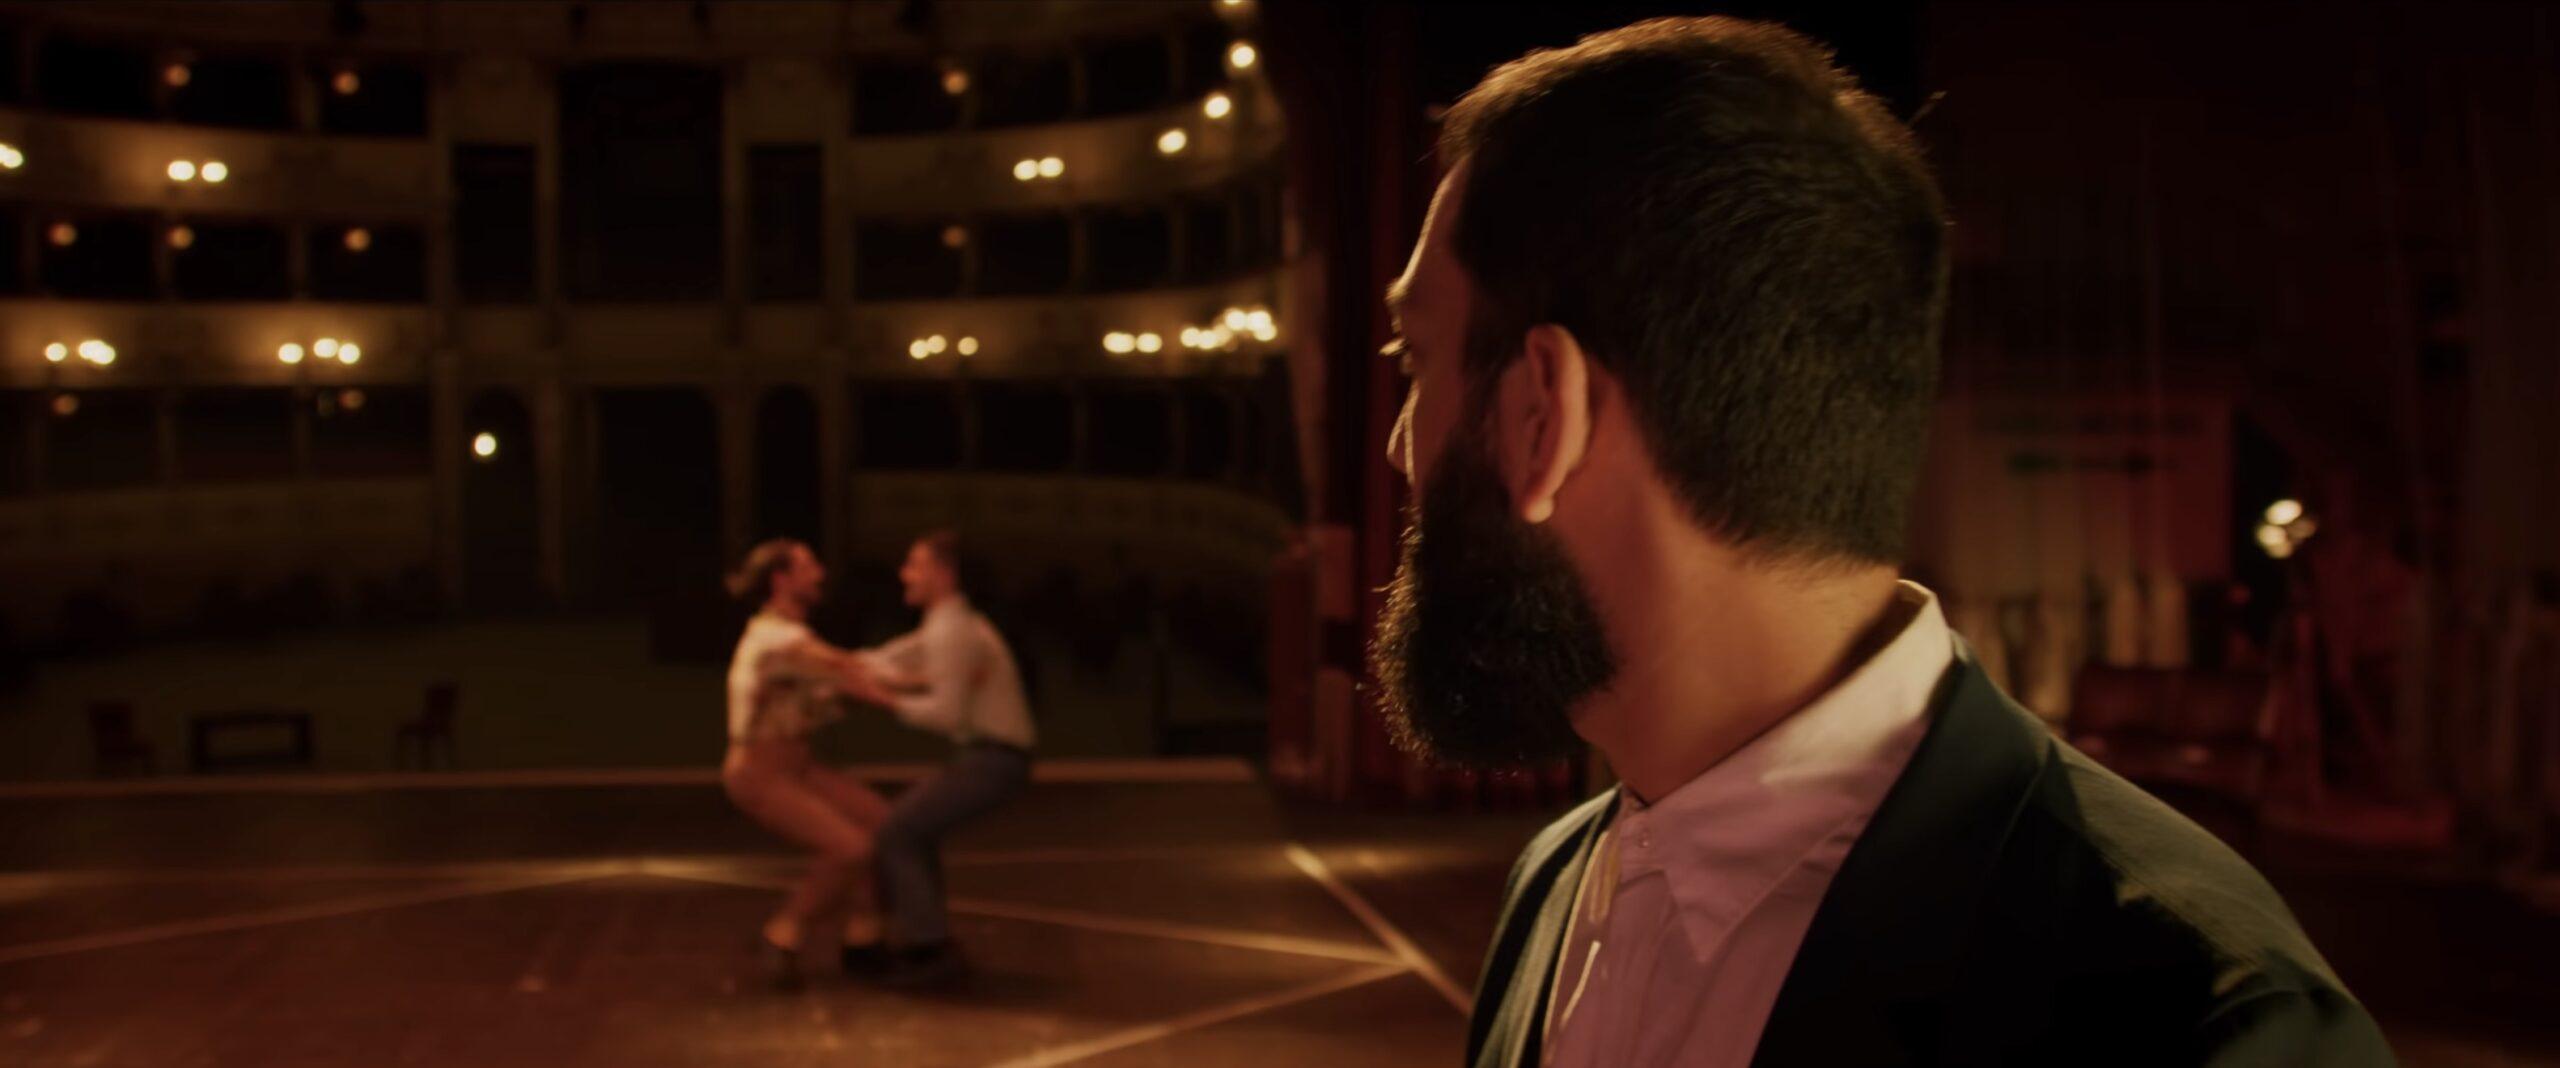 Vasco Brondi – Ci abbracciamo (Giorgio Testi) | Videoclip Italia